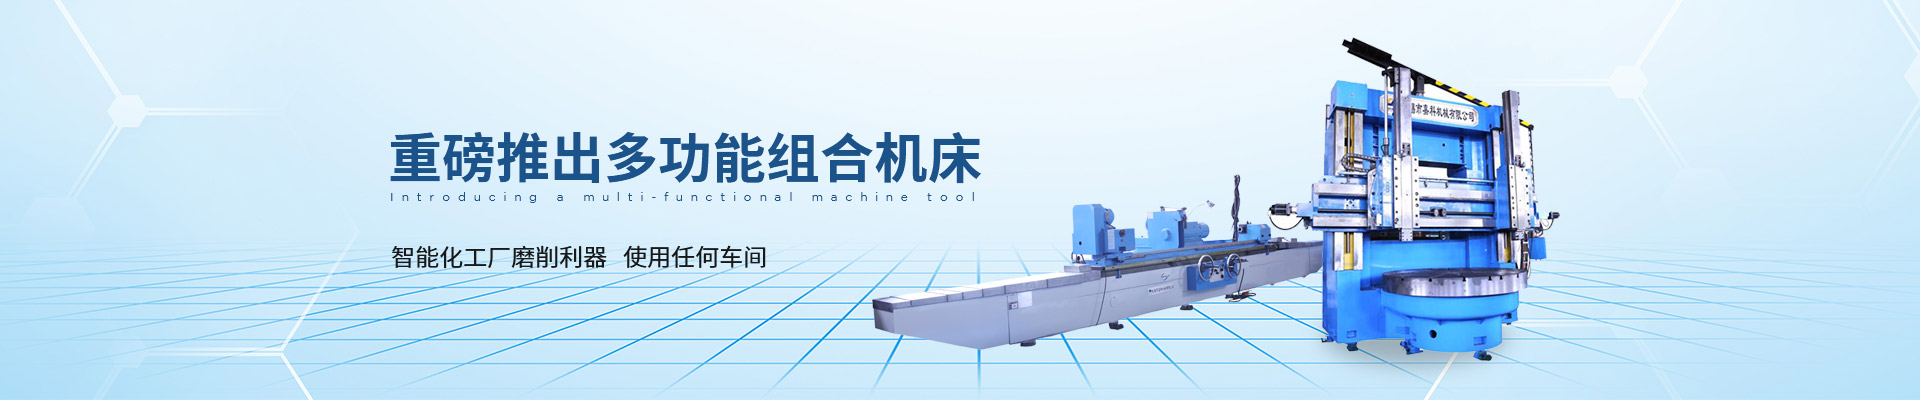 嘉科多功能组合机床-智能化工厂磨削利器,使用任何车间